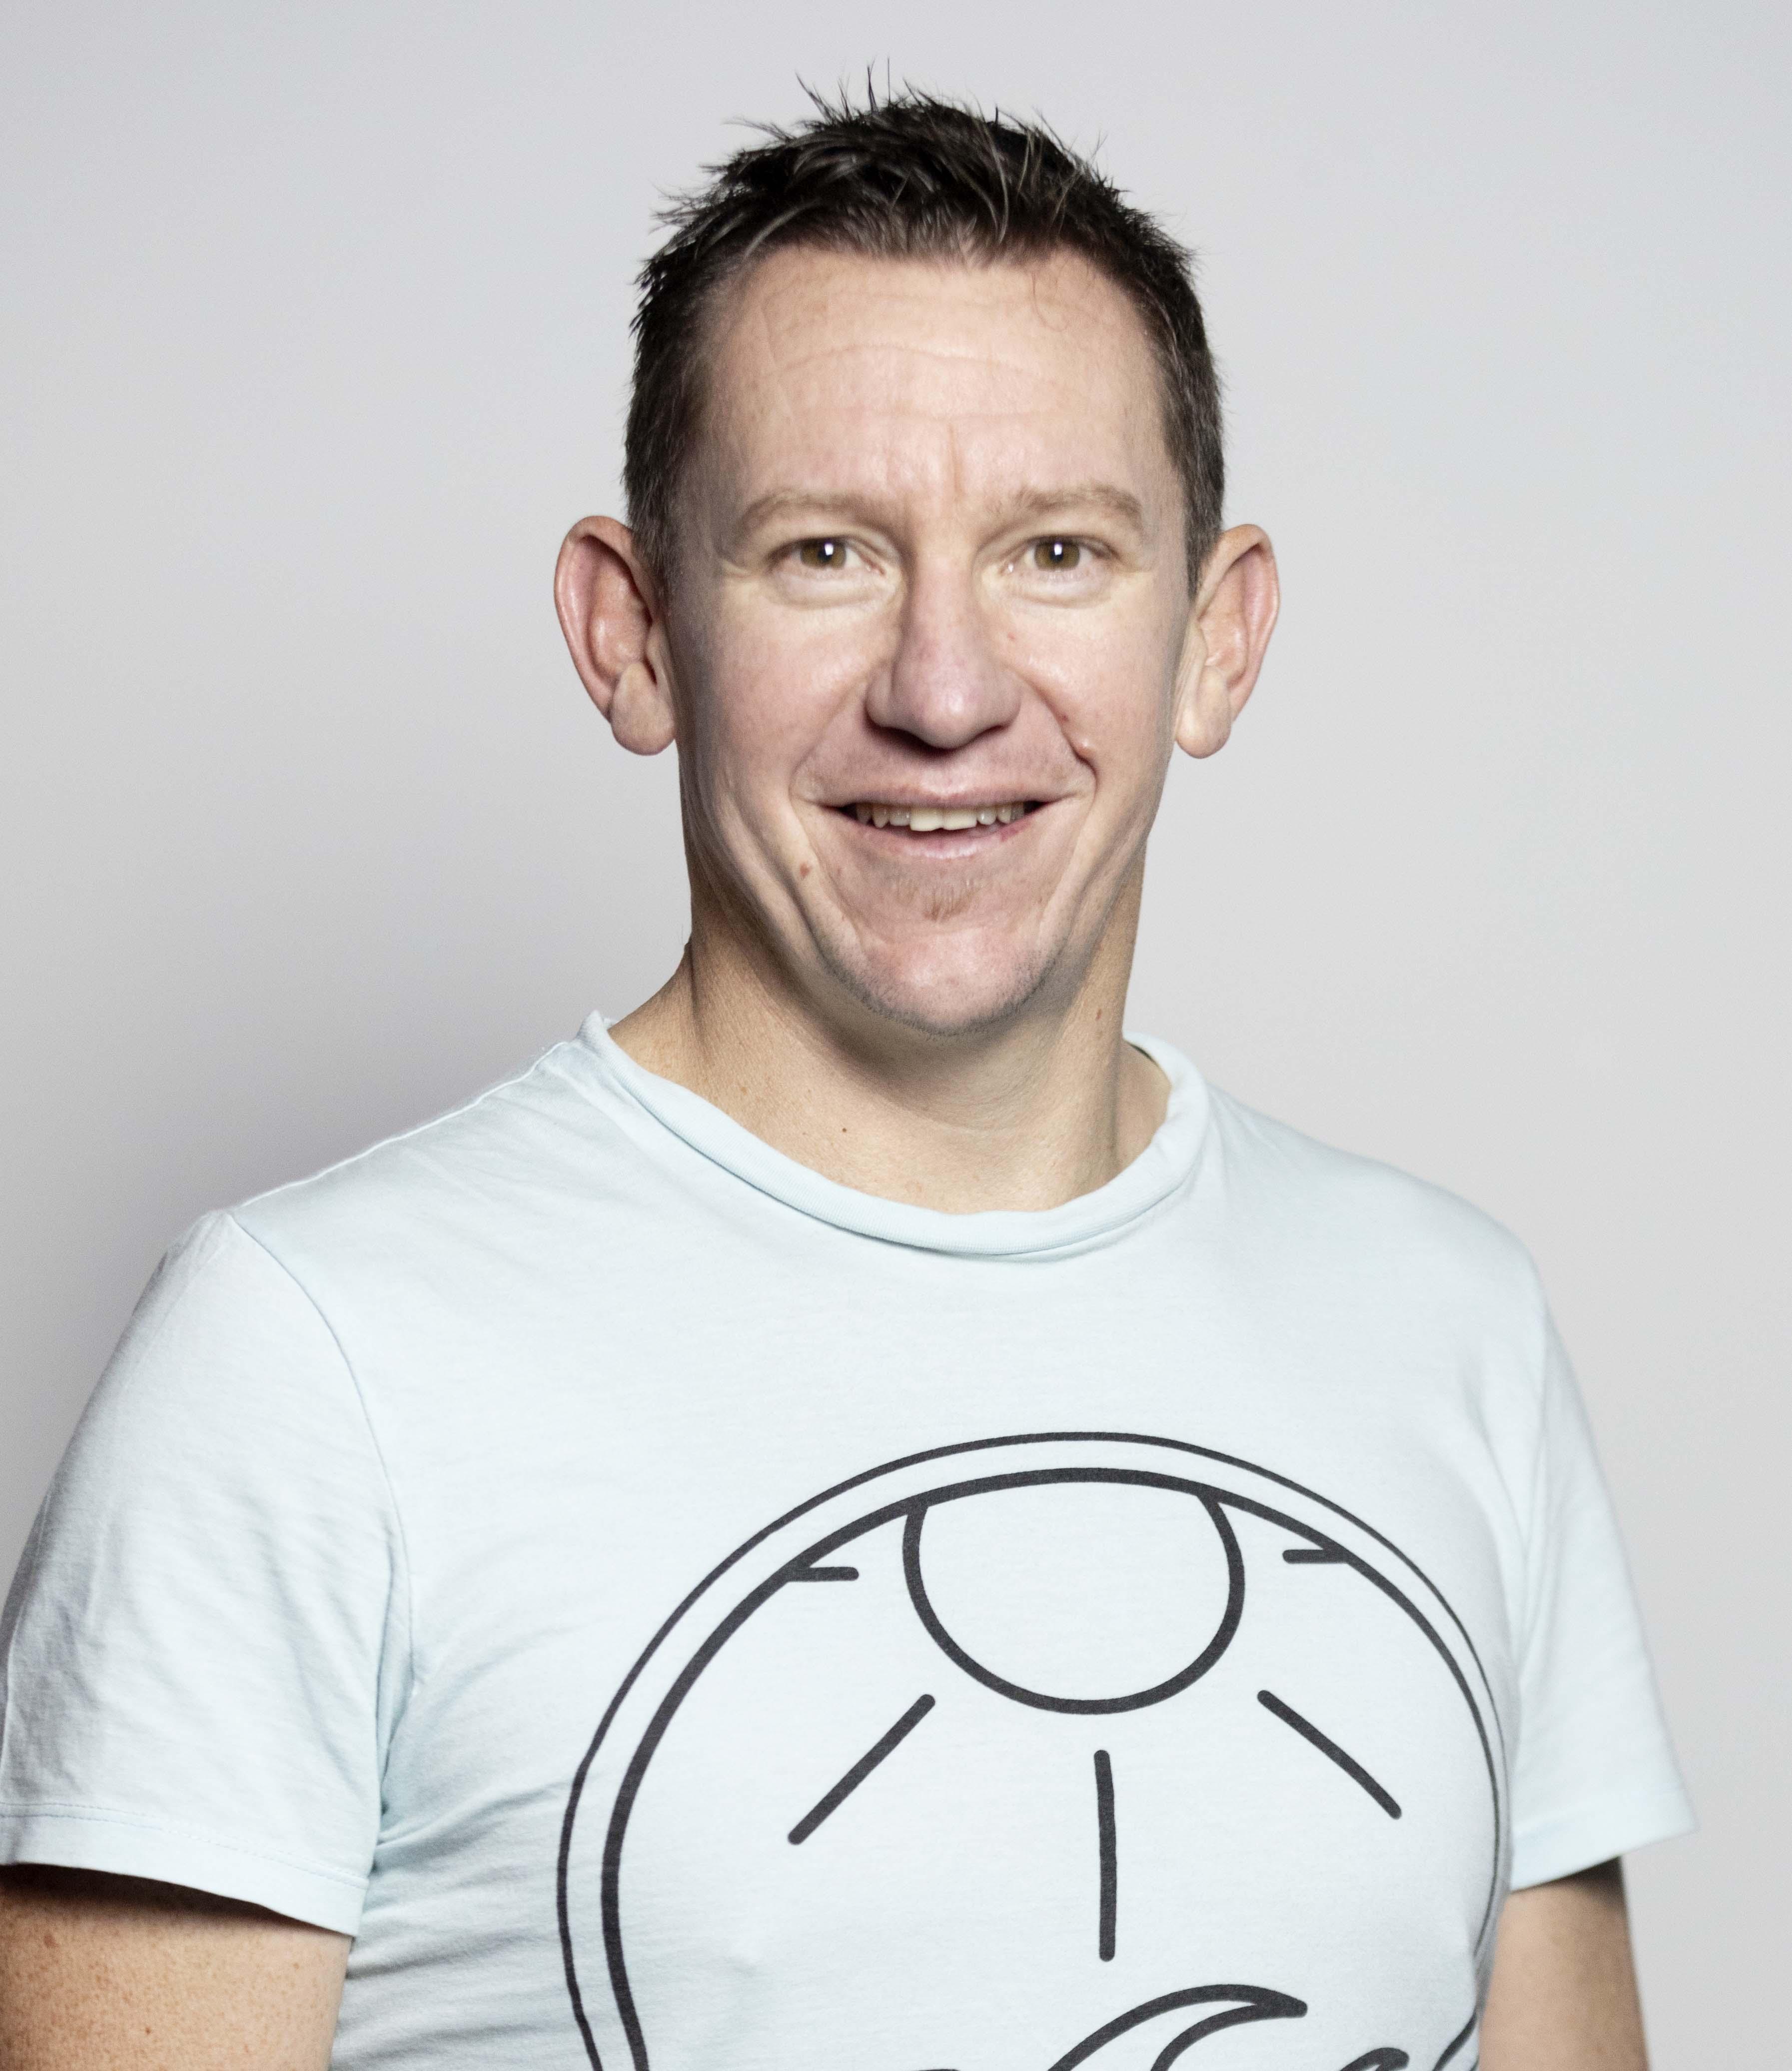 Chris Gerber